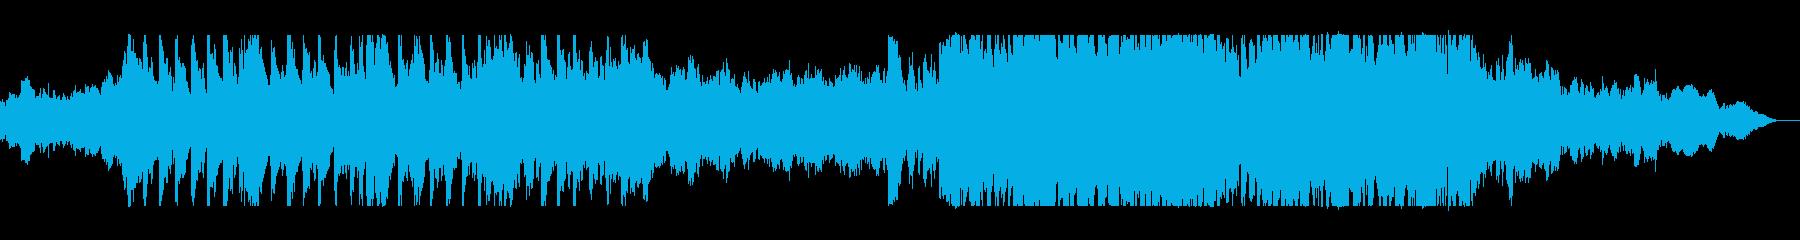 和楽器とオーケストラの雄大なサウンドの再生済みの波形